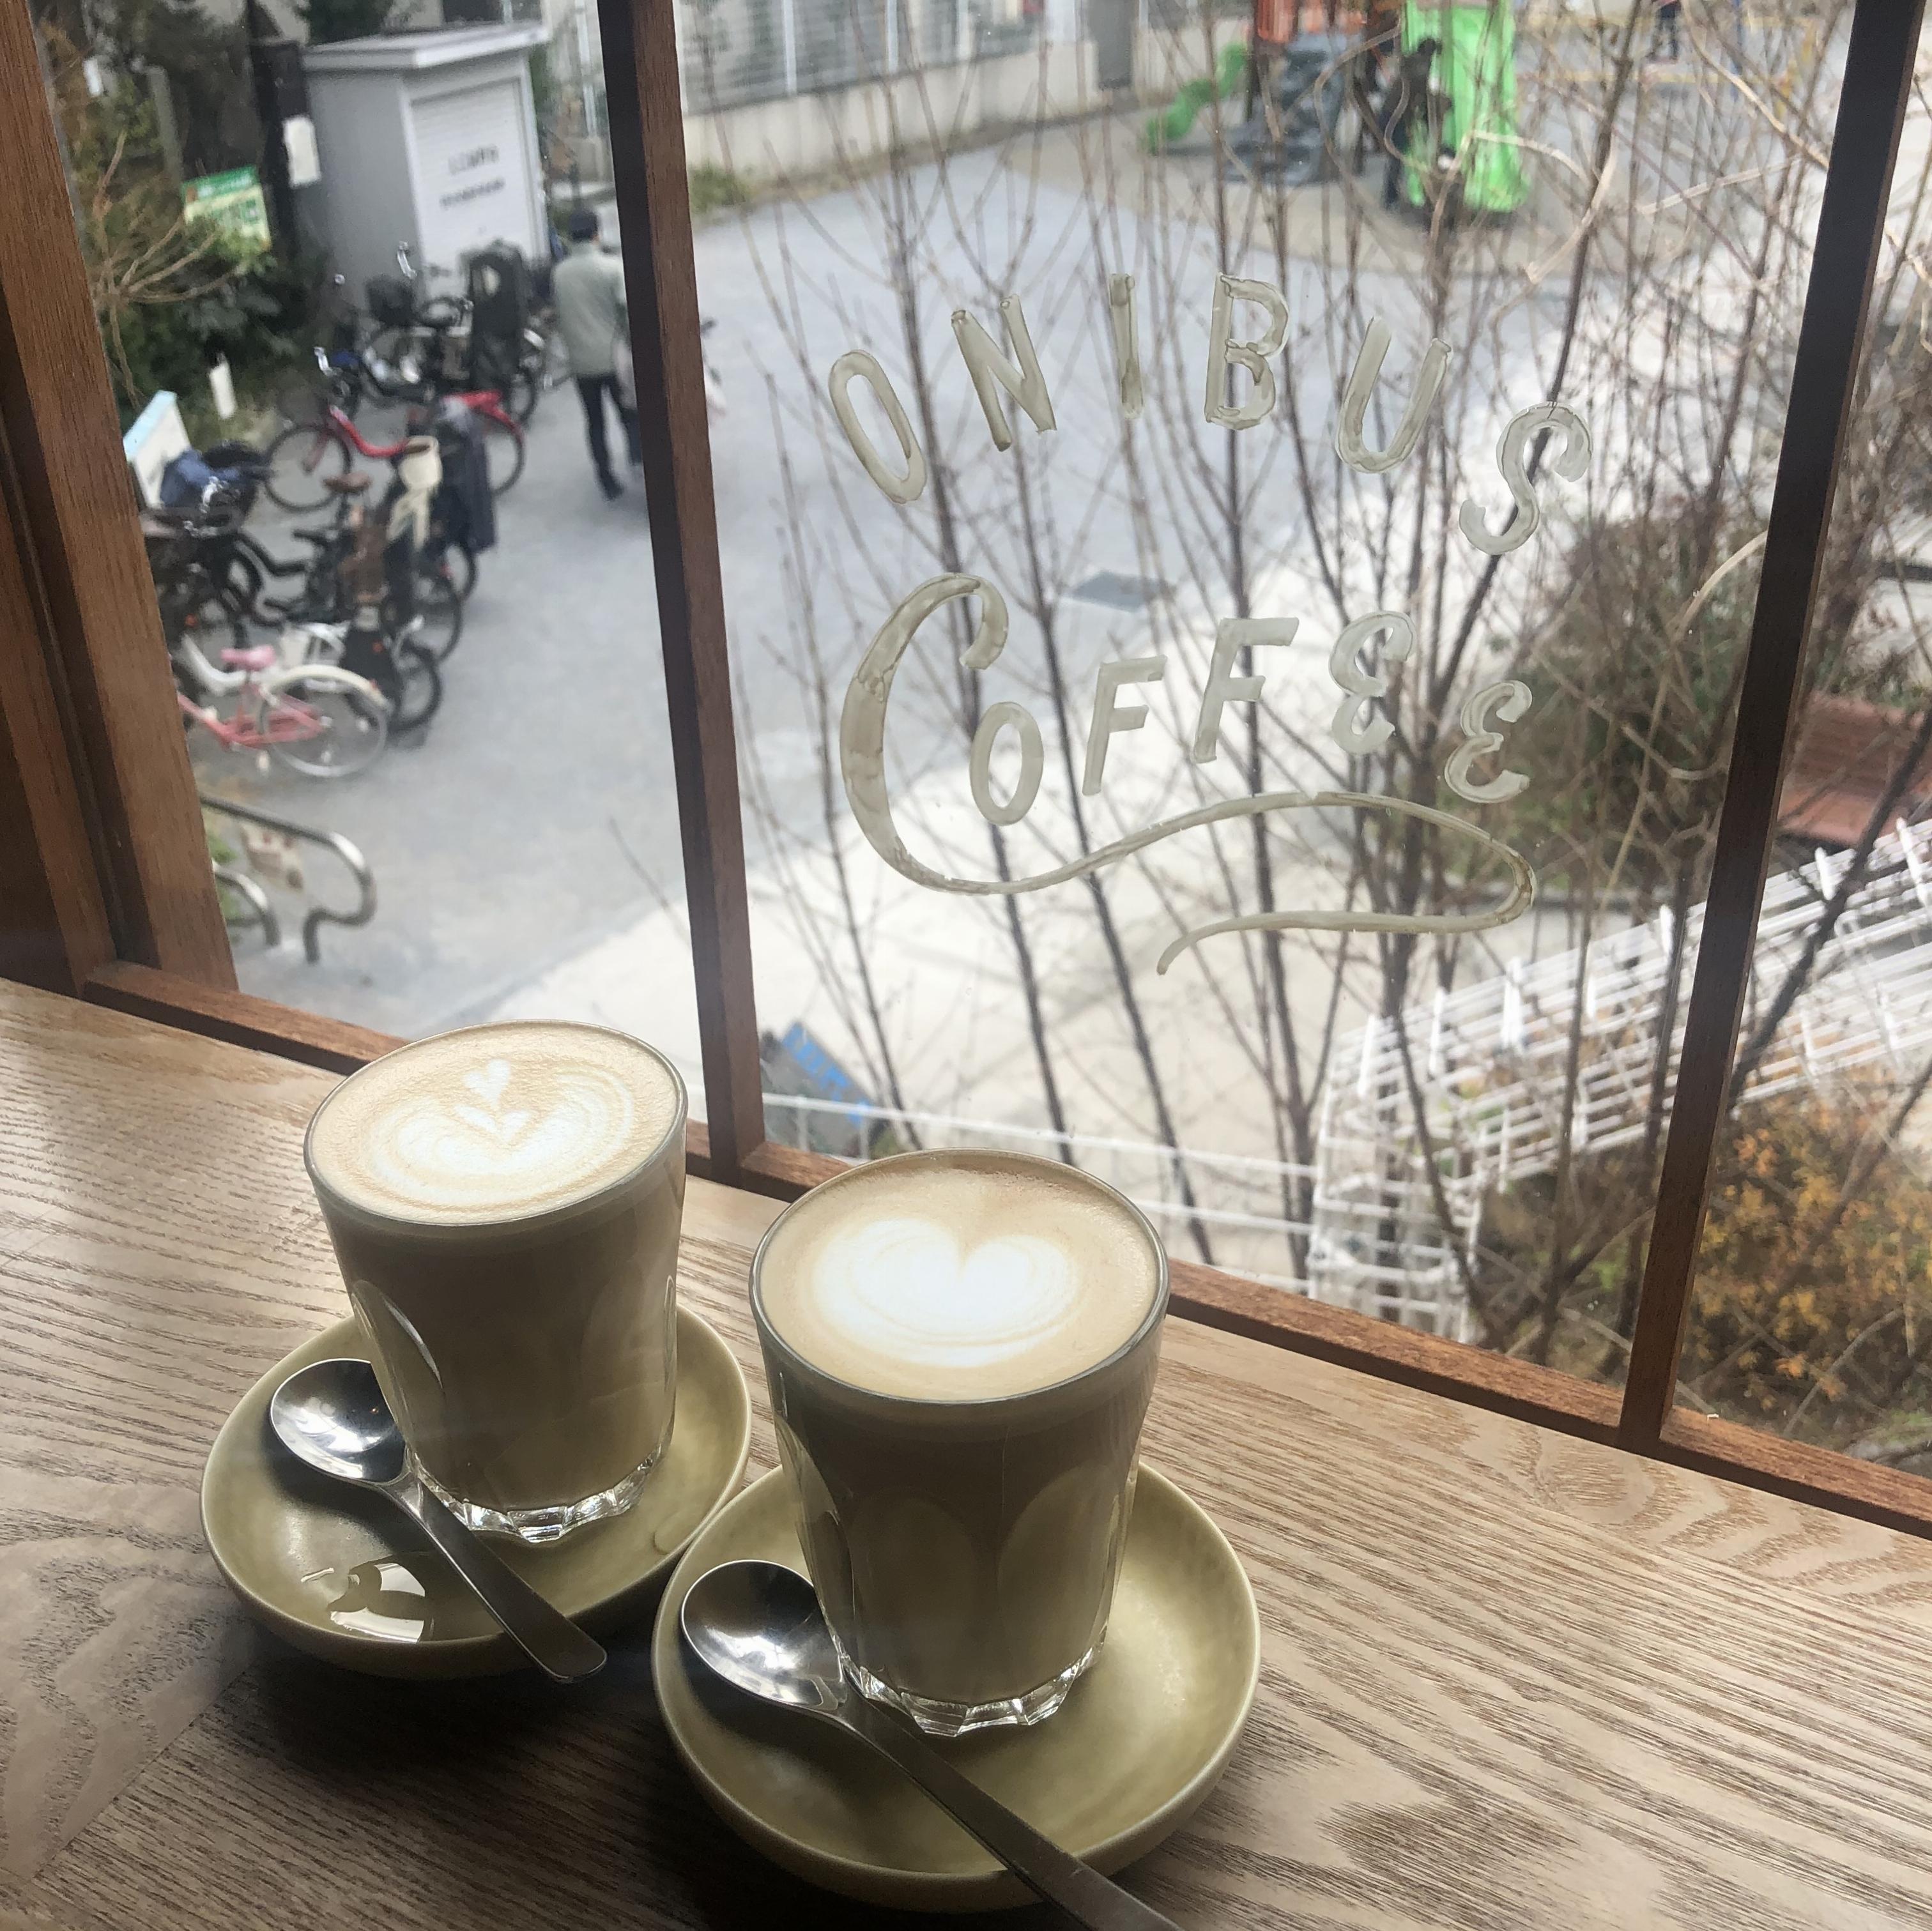 【中目黒カフェ】公園で遊ぶ子供たちをみながら、ゆったり時間。@『オニバスコーヒー中目黒店』_2